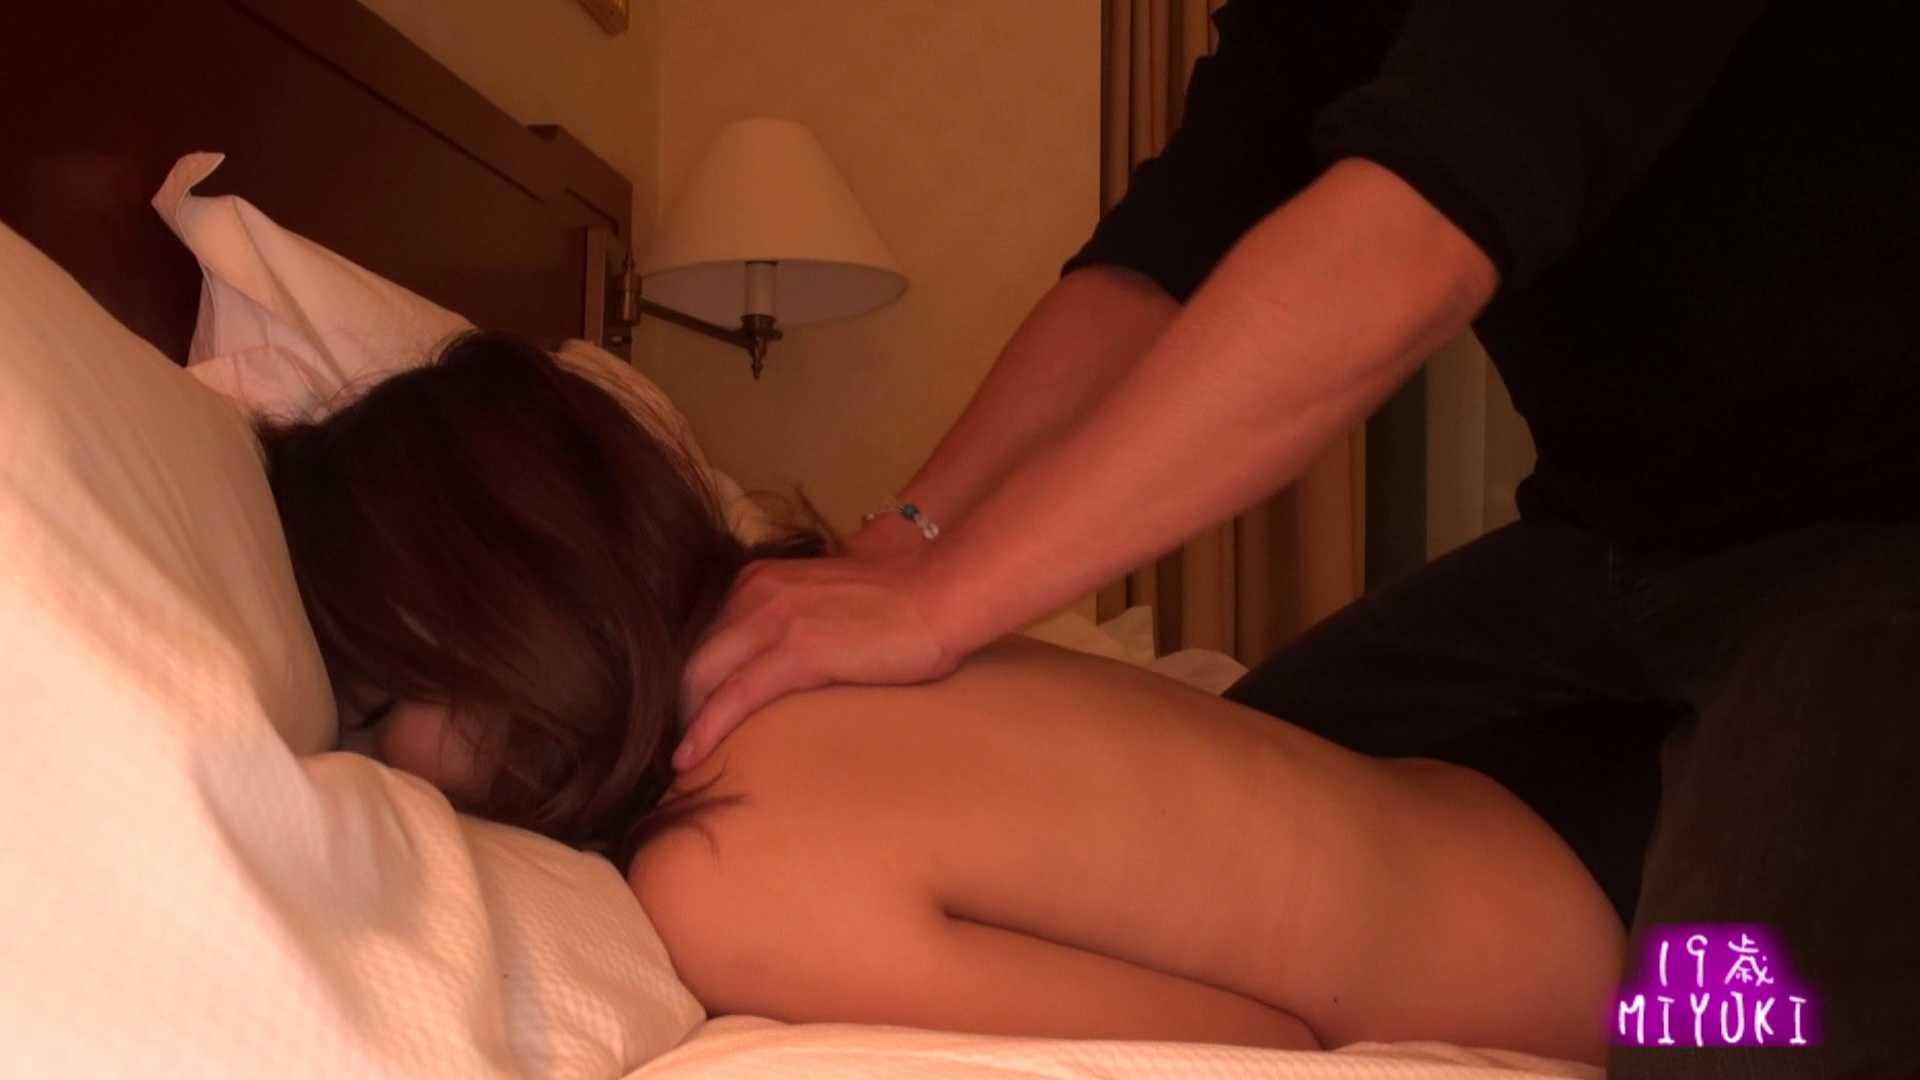 MIYUKIちゃんに男優さんがエロマッサージ 素人のぞき | マッサージ  94pic 64